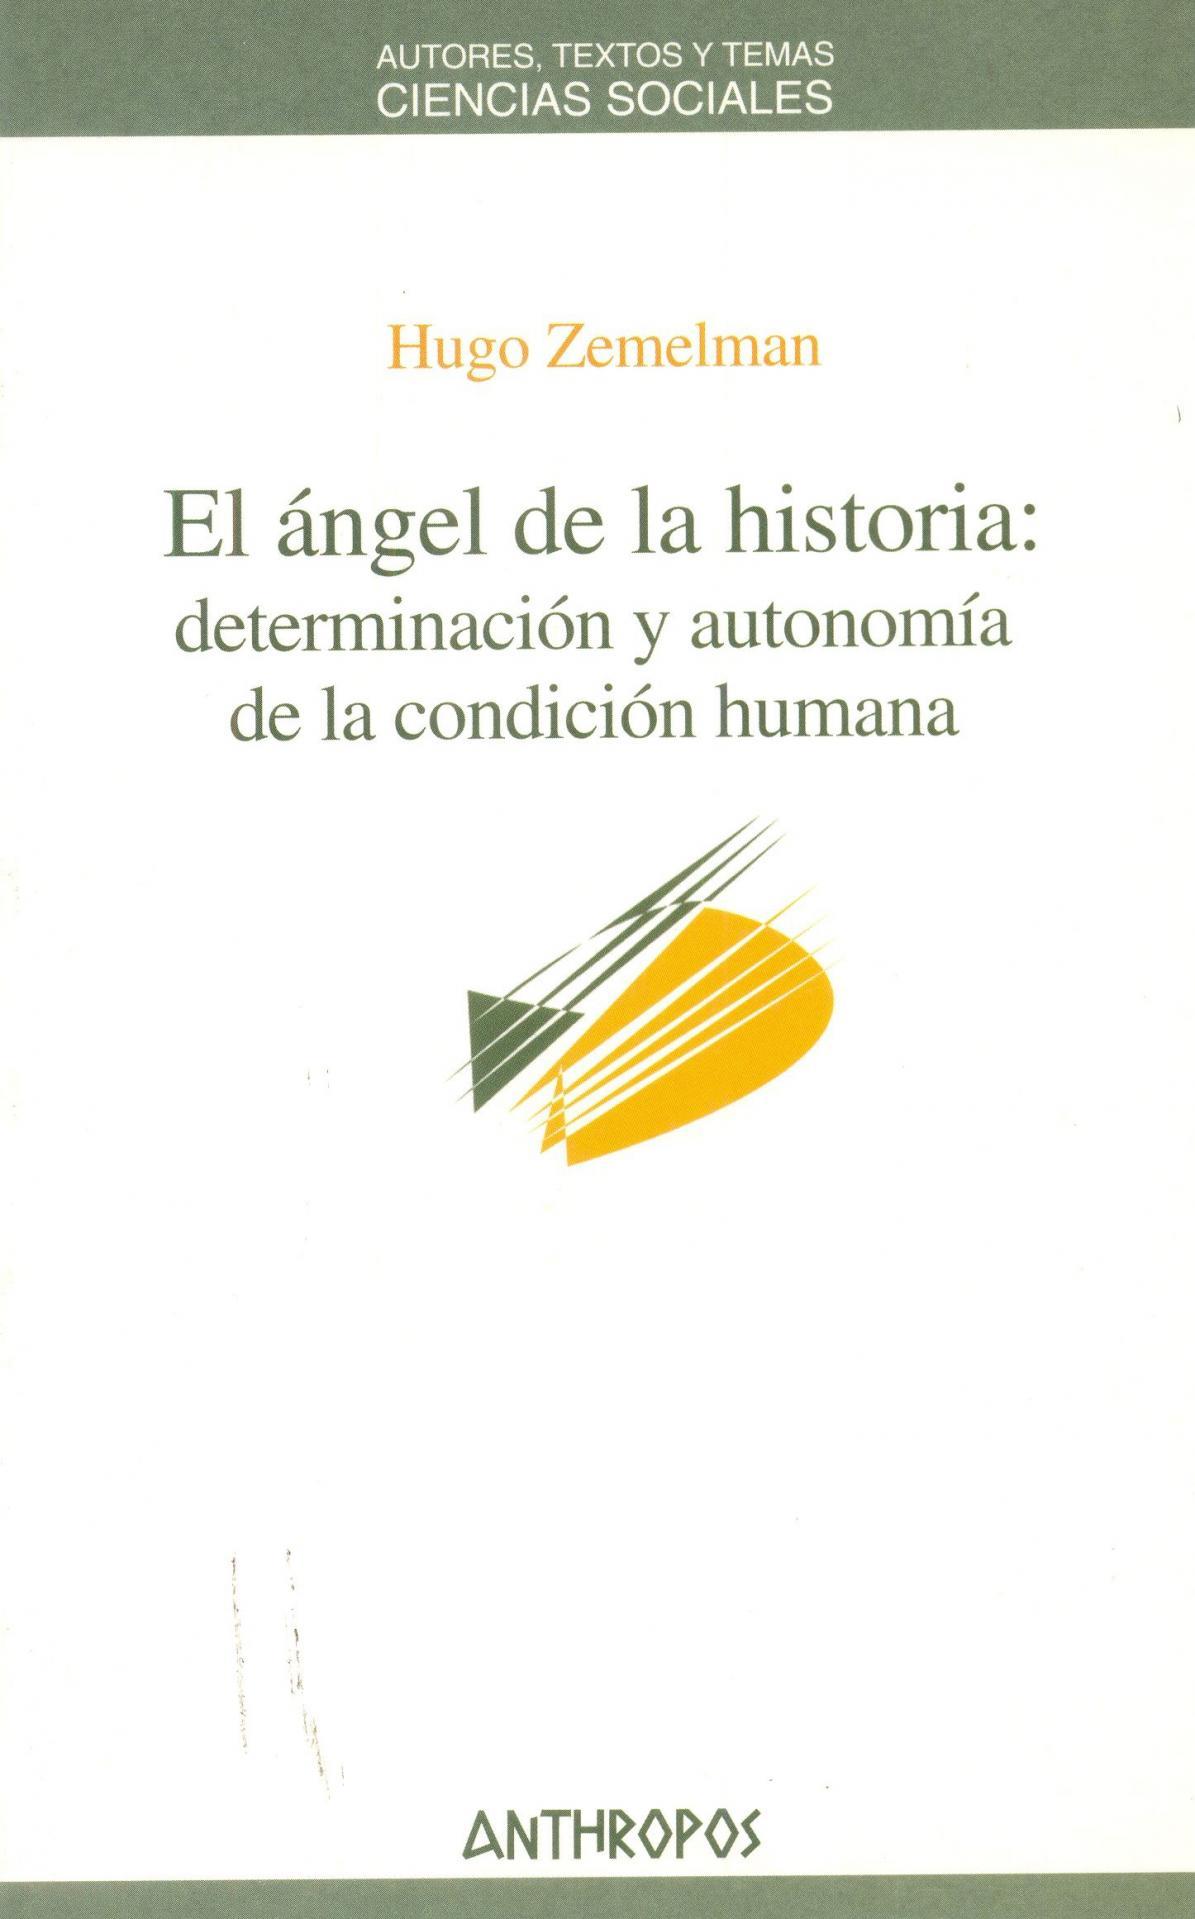 EL ÁNGEL DE LA HISTORIA. Determinación y autonomía de la  condición humana. Zemelman, H.